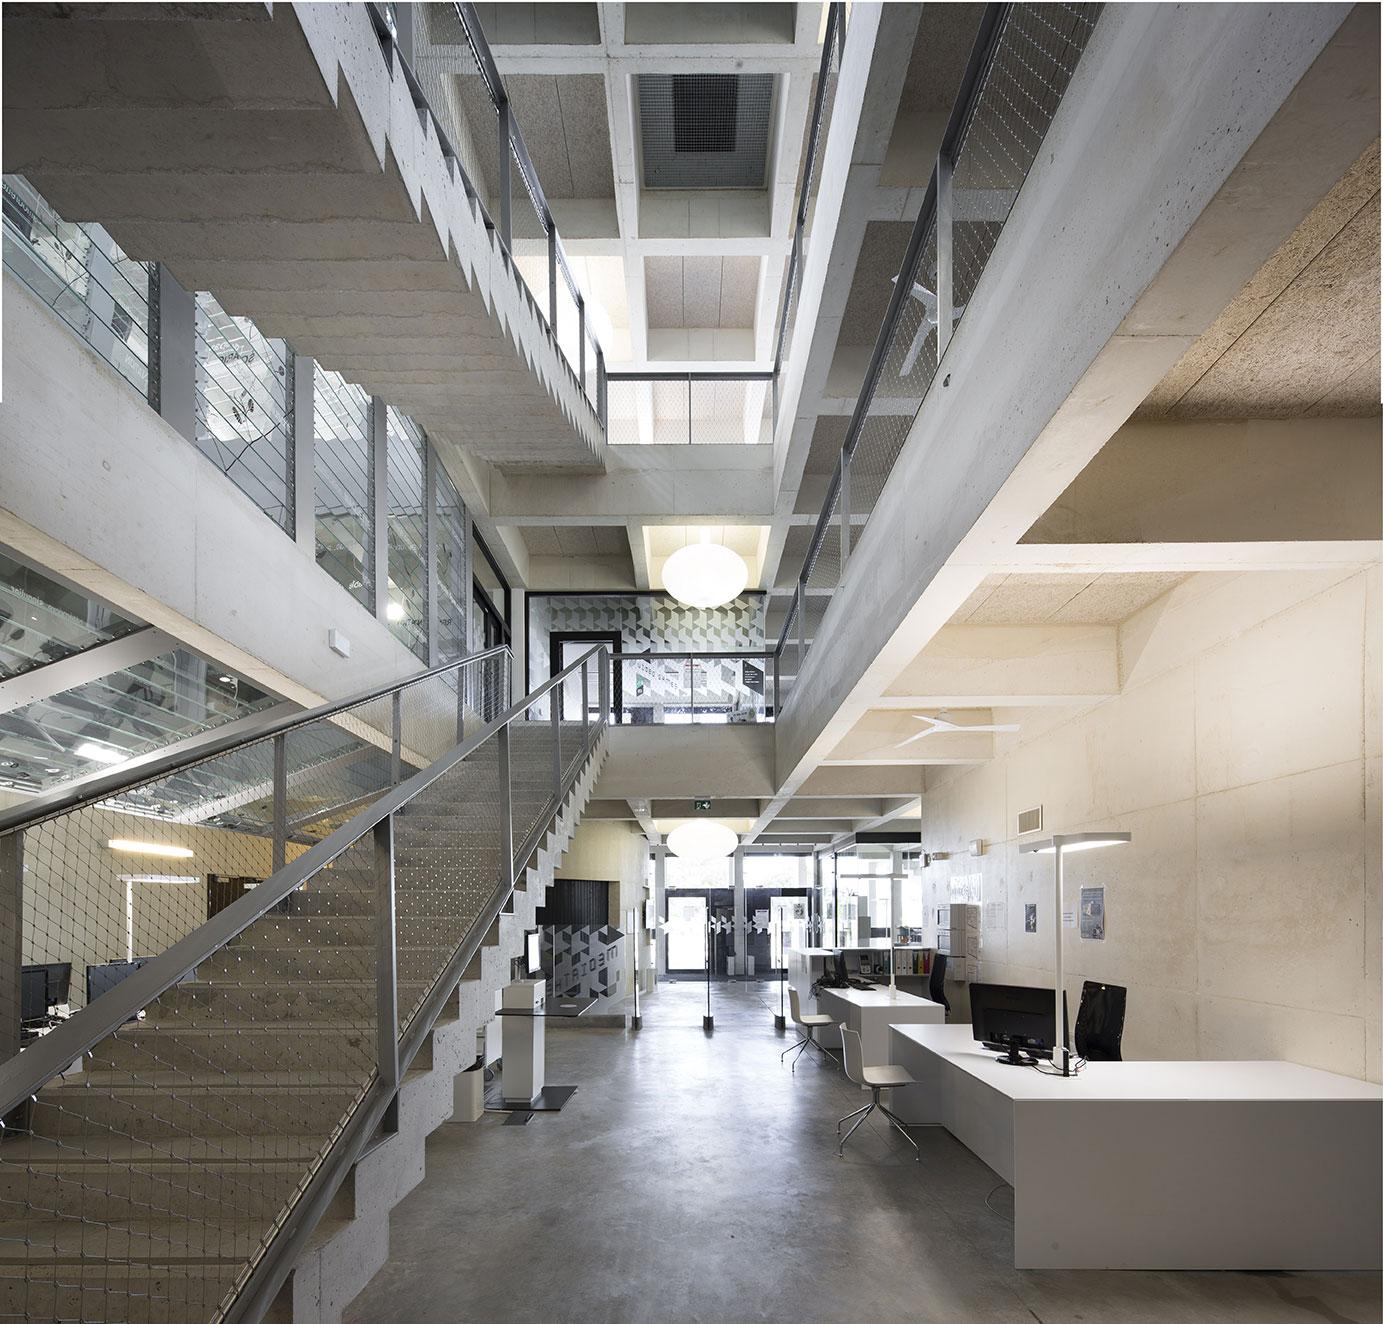 Tautem architecture - mediatheque Montaigne Frontignan - détail architectural